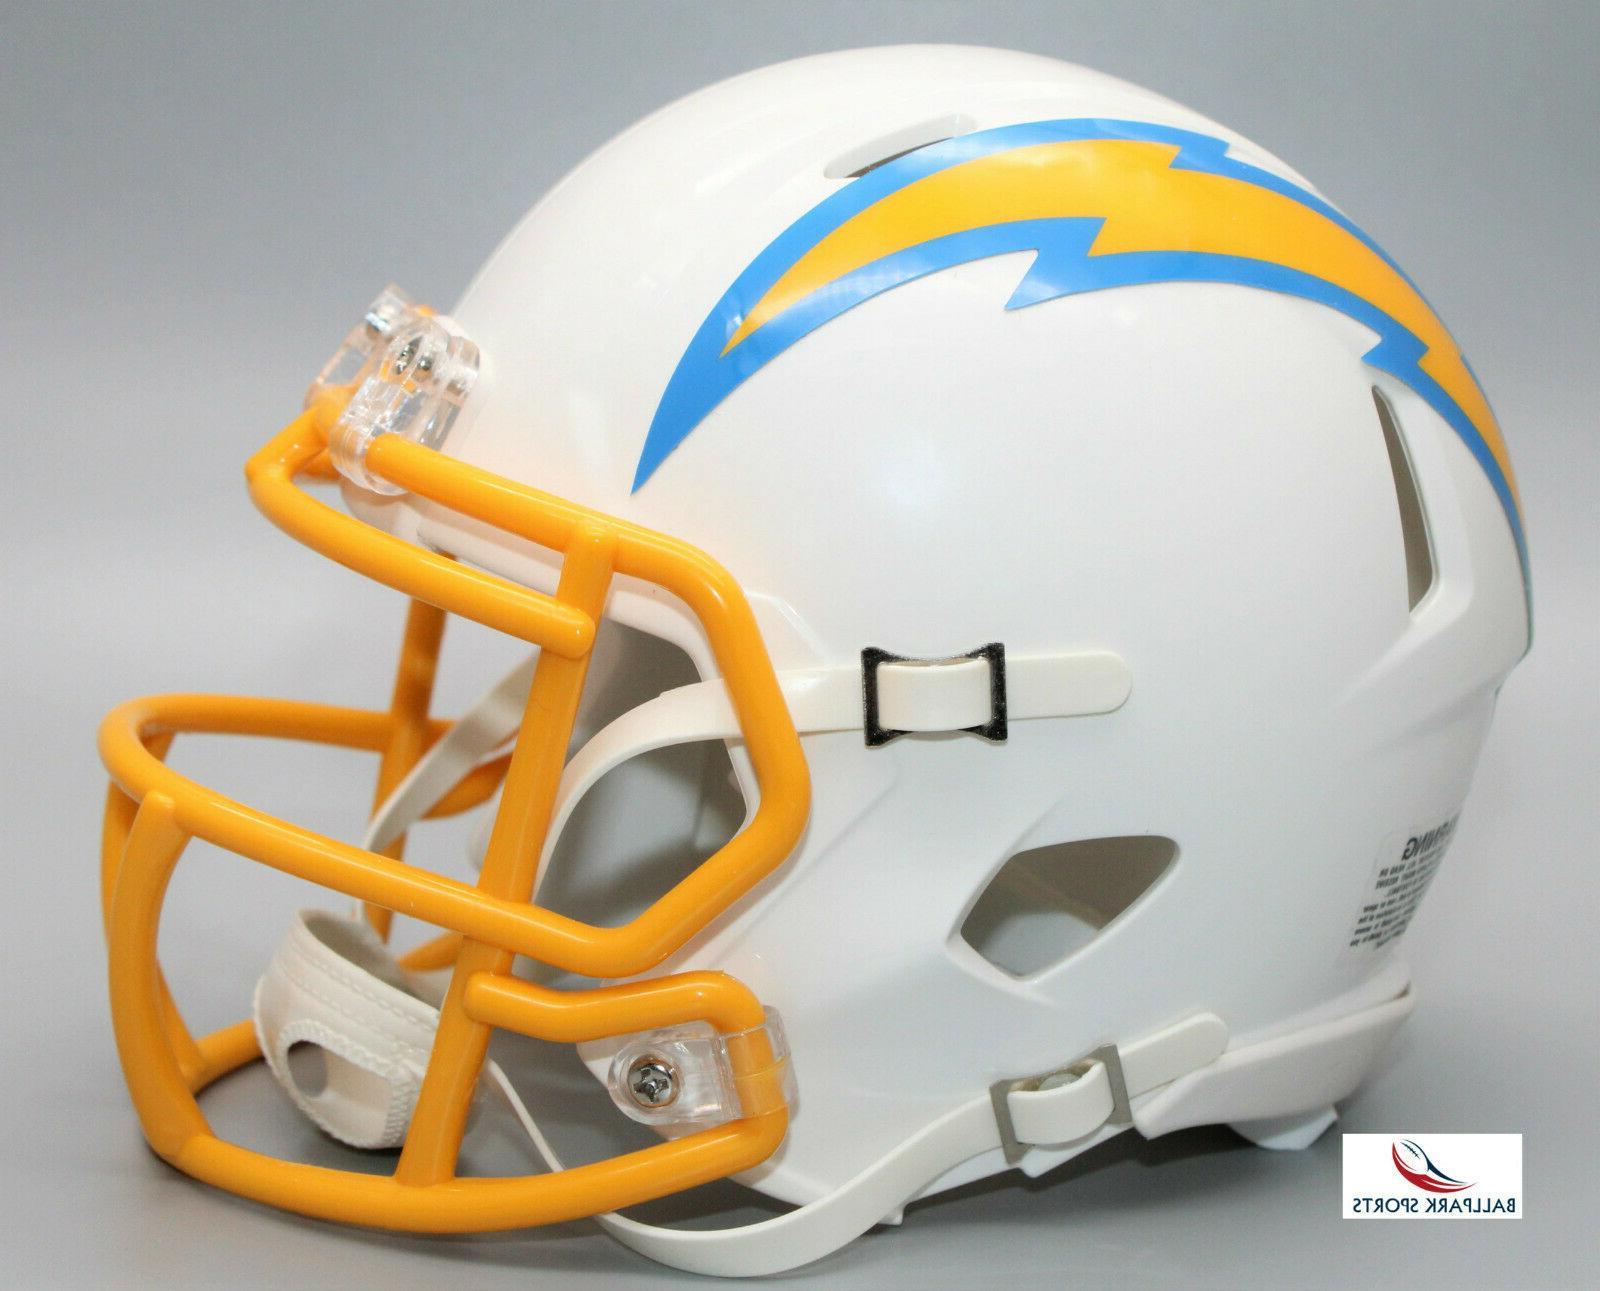 los angeles chargers speed mini helmet 2020